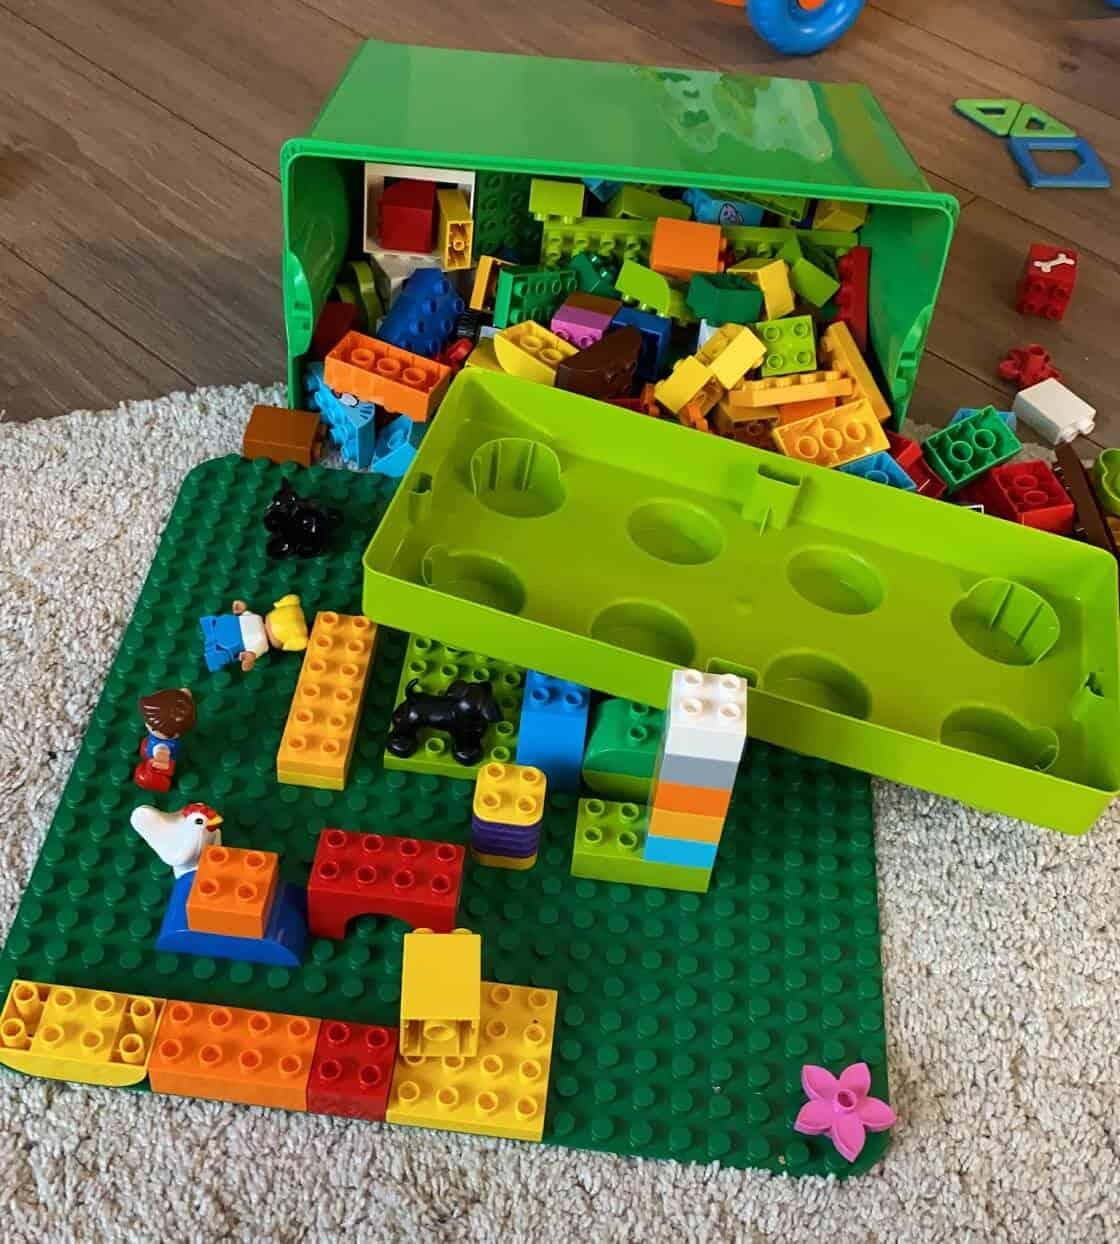 Die ersten Lego Duplo Boxen beinhalten ein paar Steine und Tiere zum Bauen und Stapeln